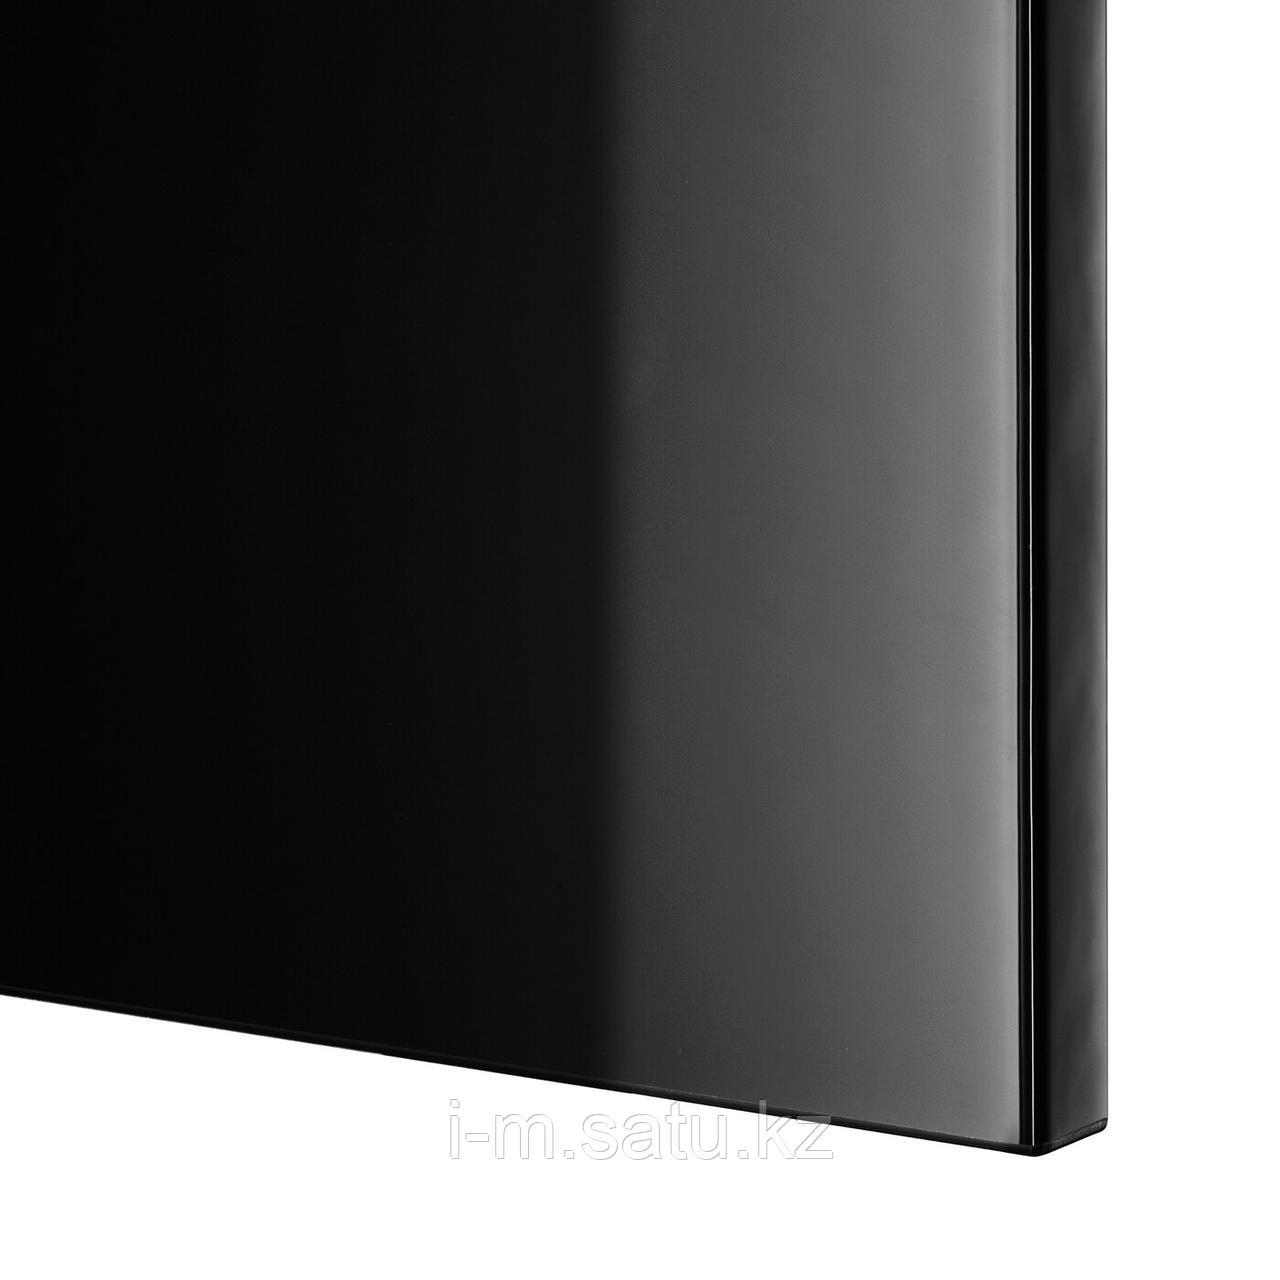 СЕЛЬСВИКЕН Фронтальная панель ящика, глянцевый черный, 60x26 см